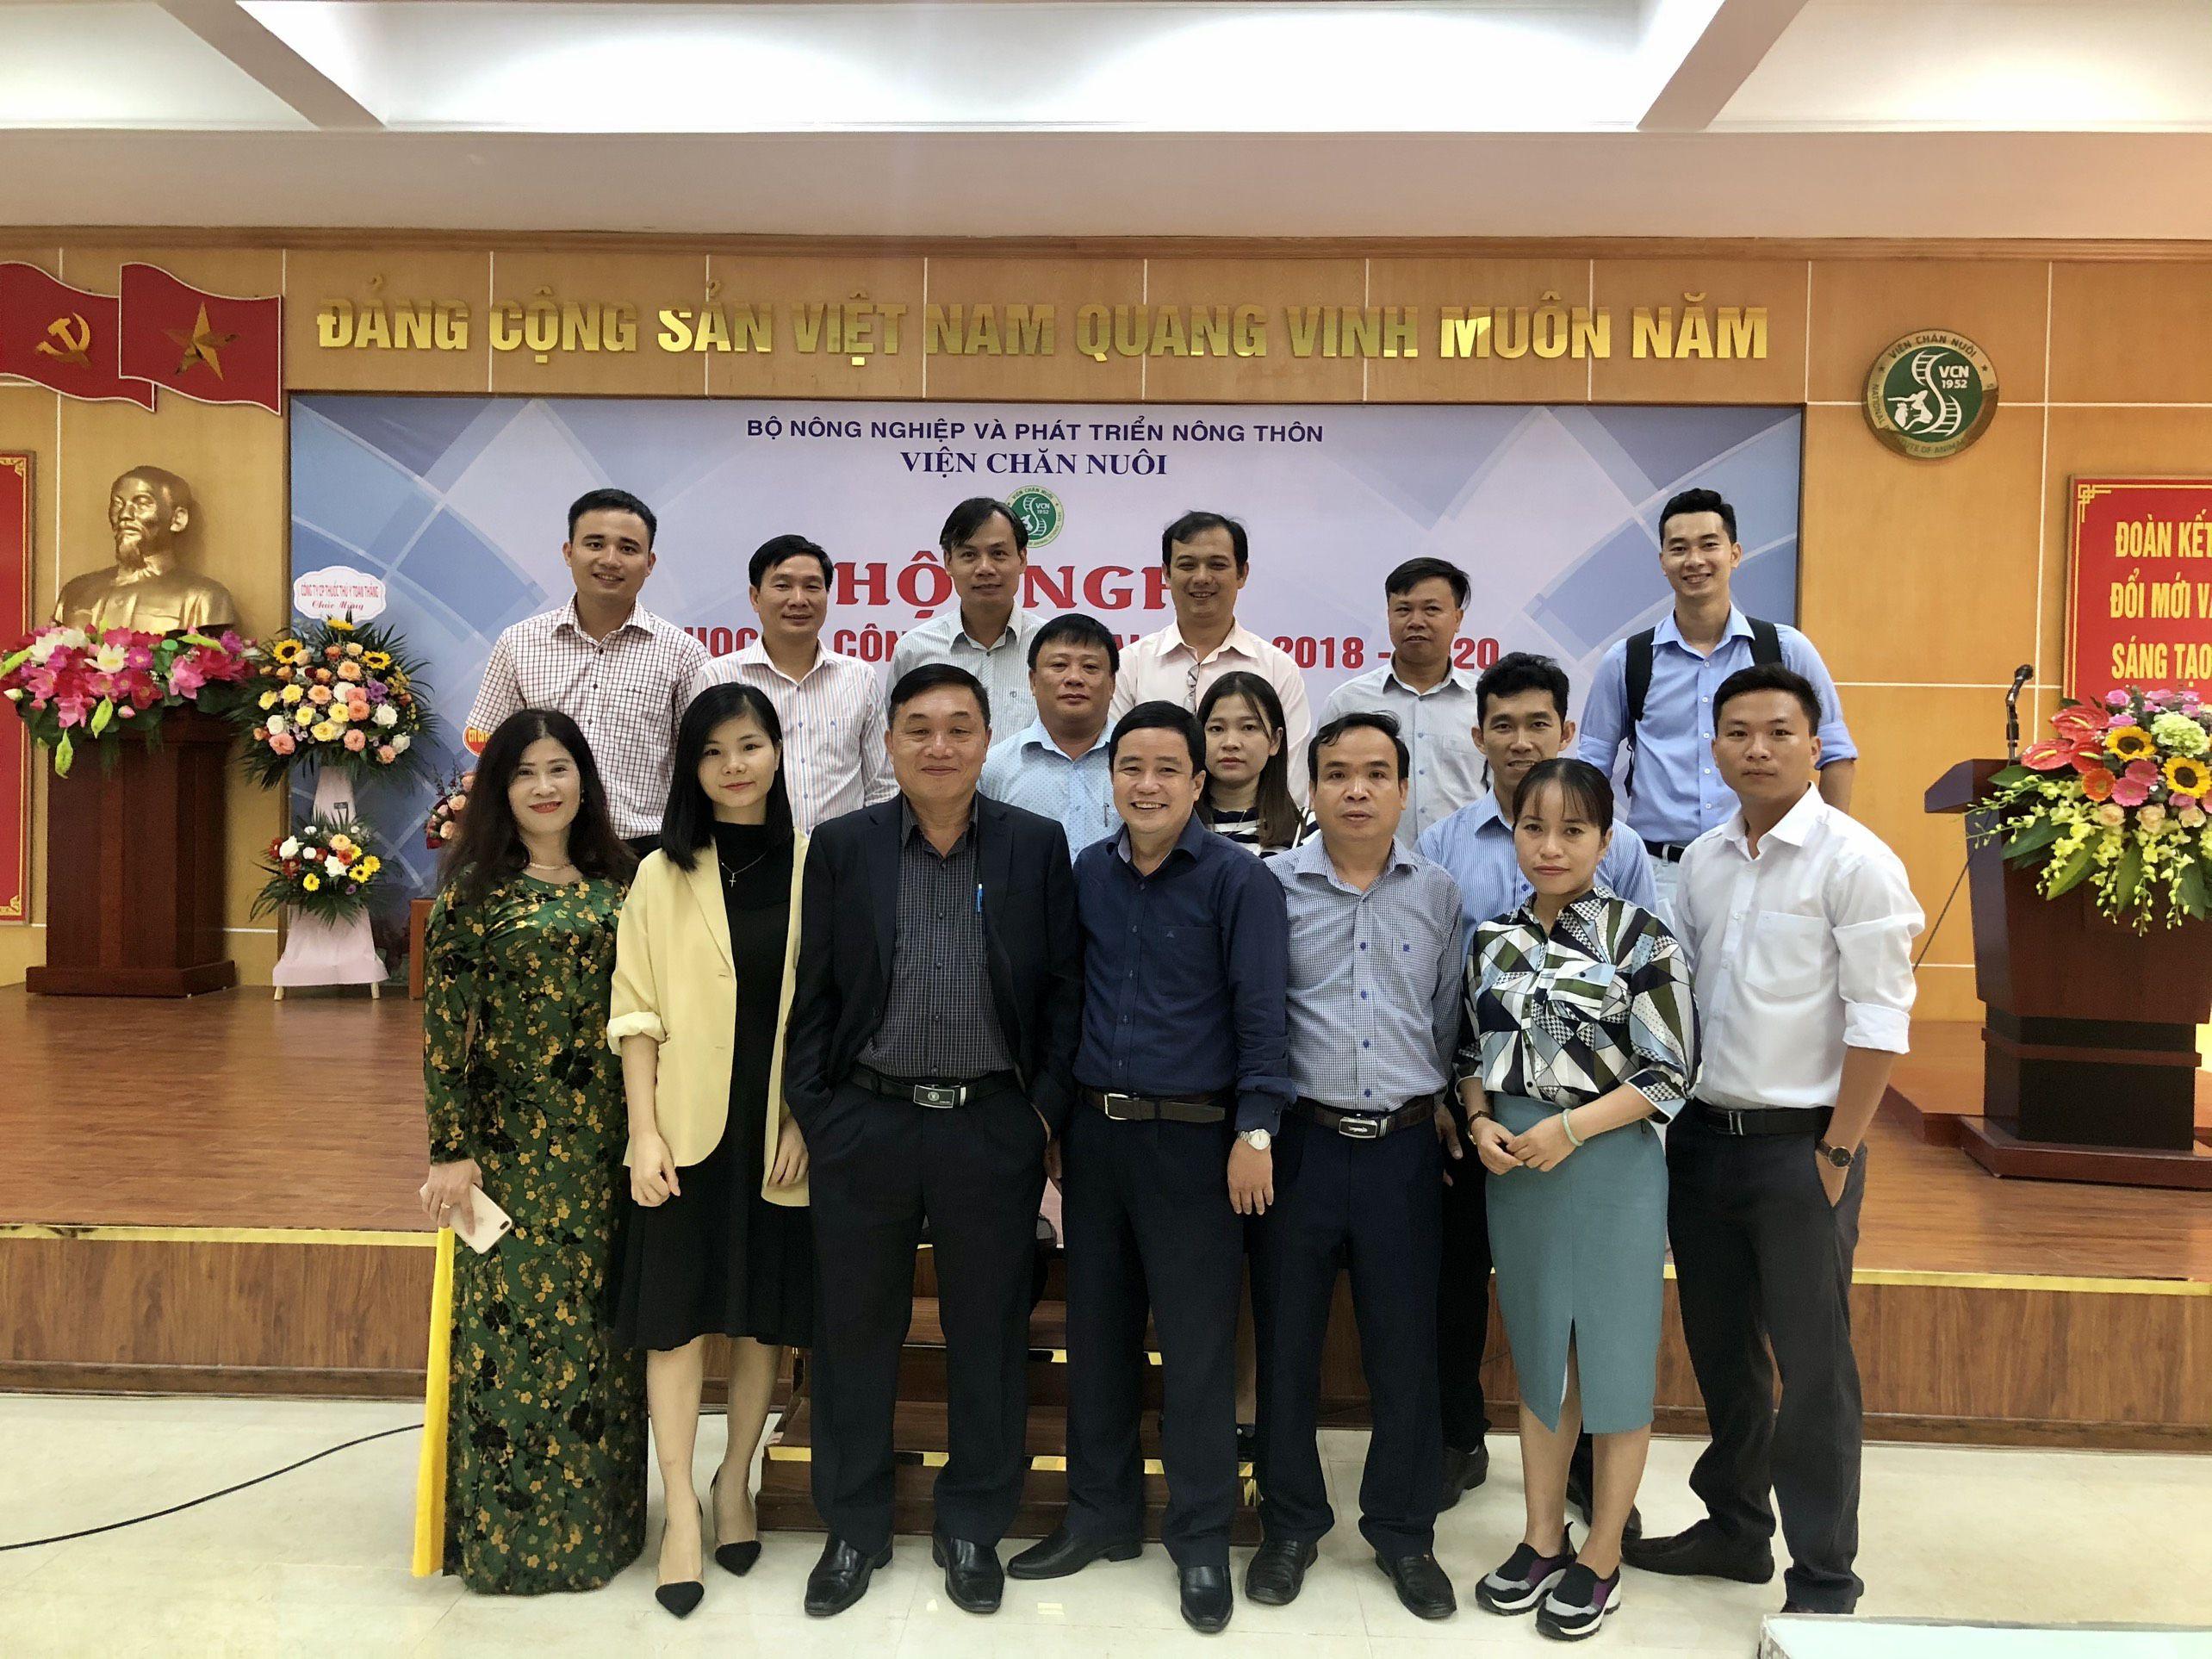 Hội nghị Khoa học  Chăn Nuôi Nam Bộ